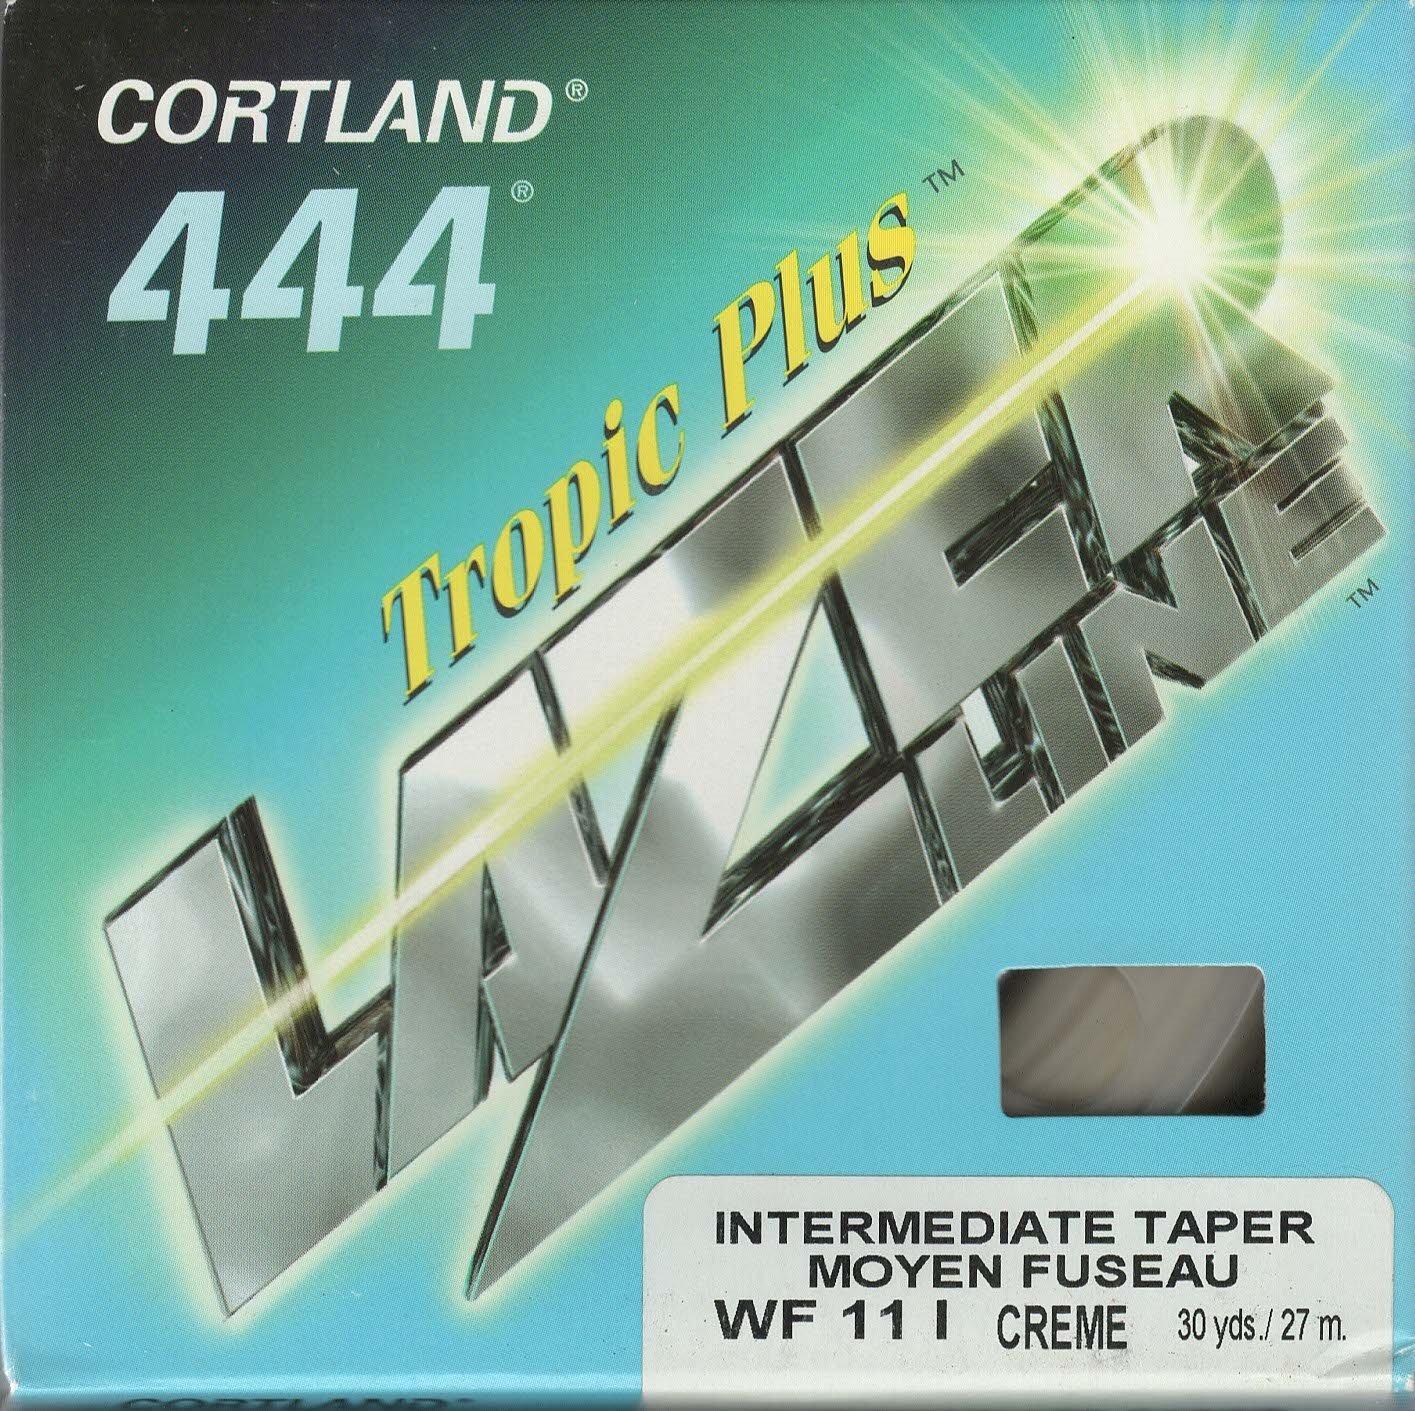 【限定特価】 Cortland 444 Tropic Plus lazerline中間wf11i Creme Creme Plus Fly Line 444 B076ZQQFK9, NUTS(時計&デザイン雑貨):fa0f5768 --- a0267596.xsph.ru